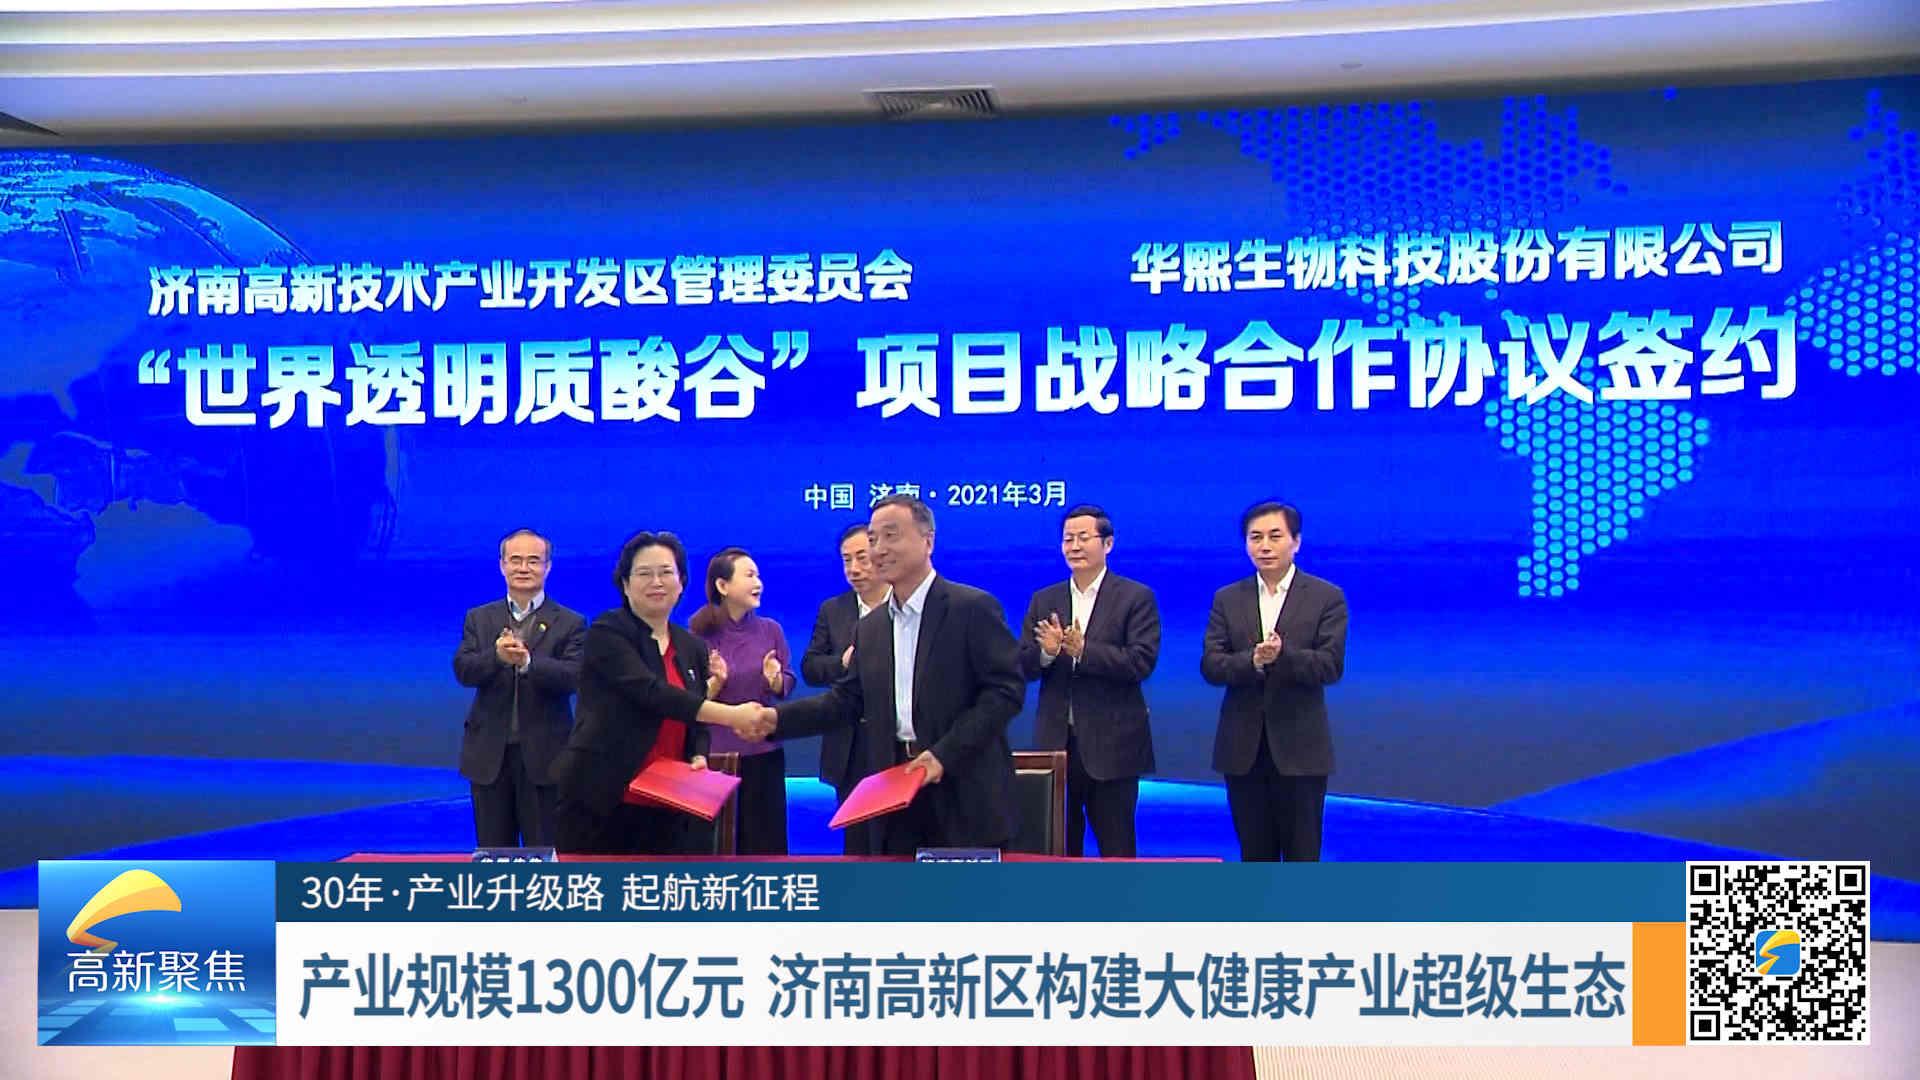 【30年·產業升級路 起航新征程】產業規模1300億元  濟南高新區構建大健康產業超級生態